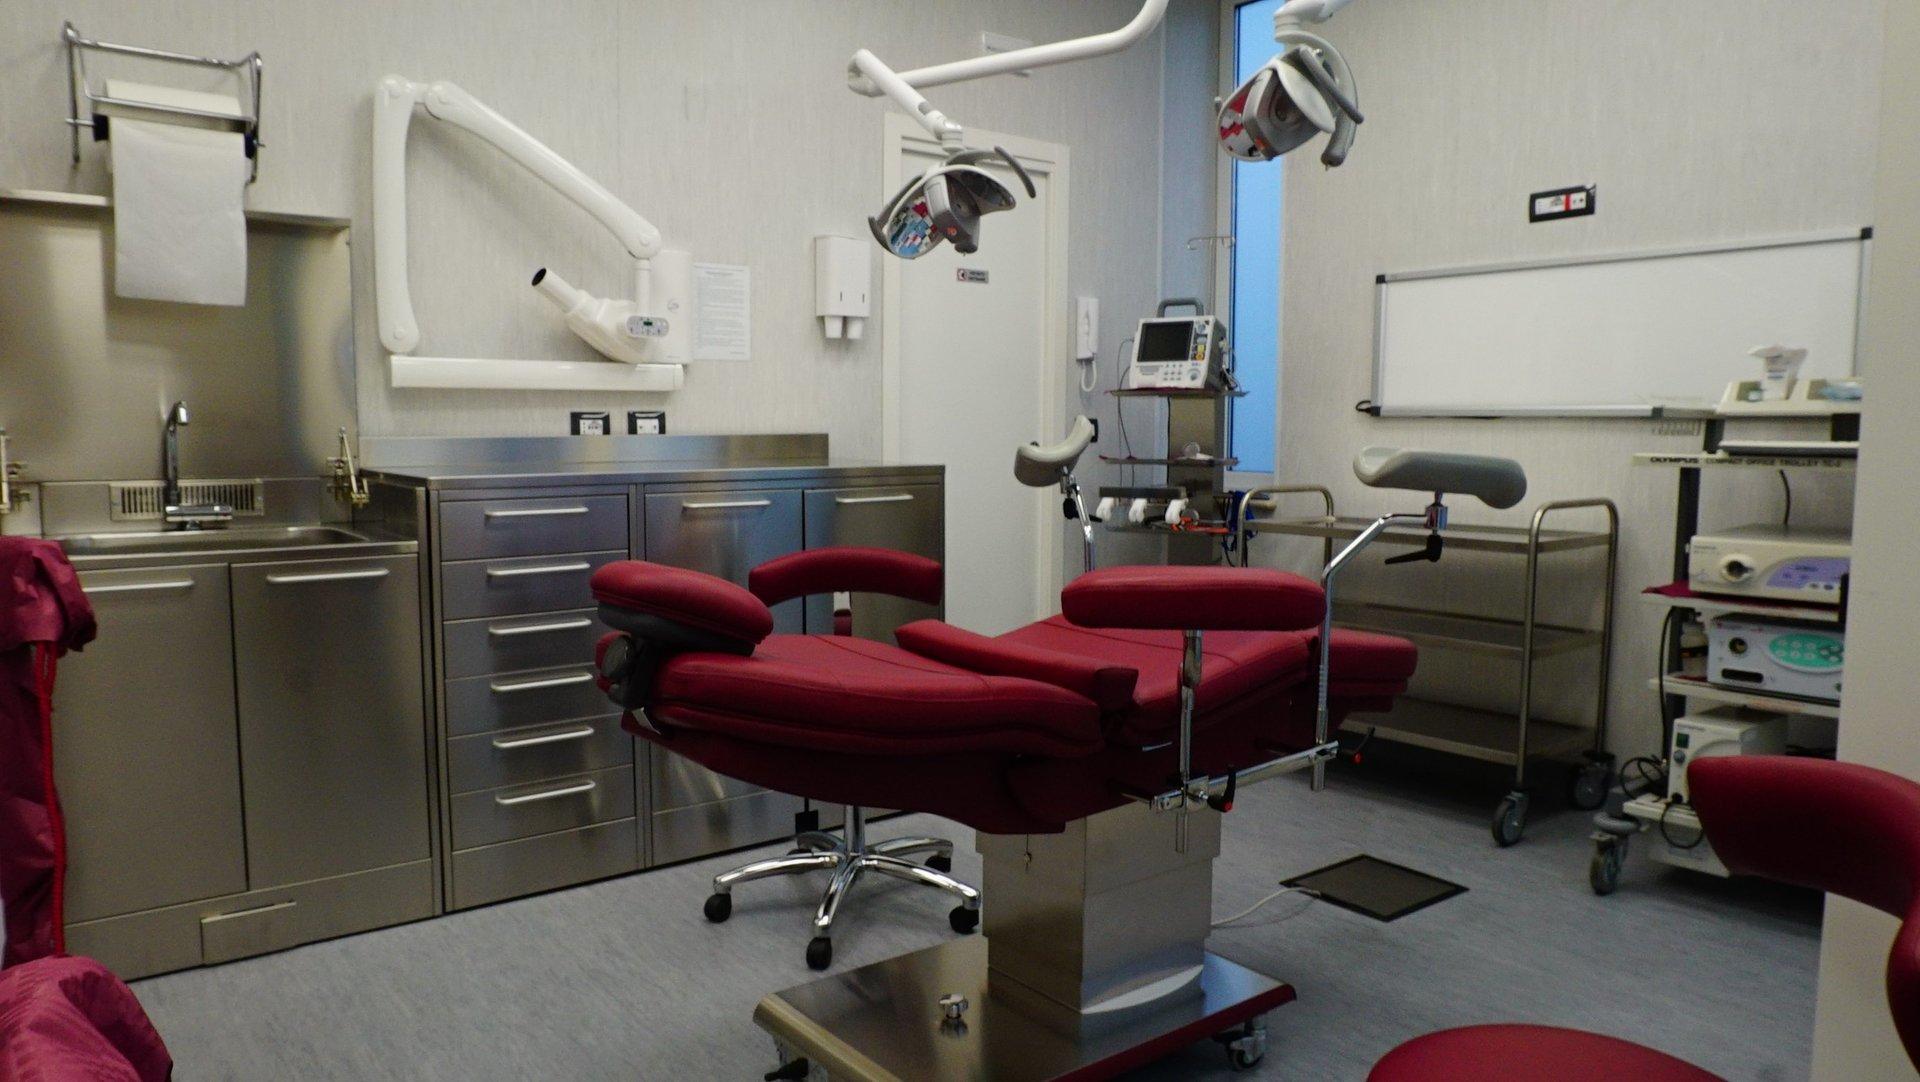 poltrona reclinabile in studio dentistico